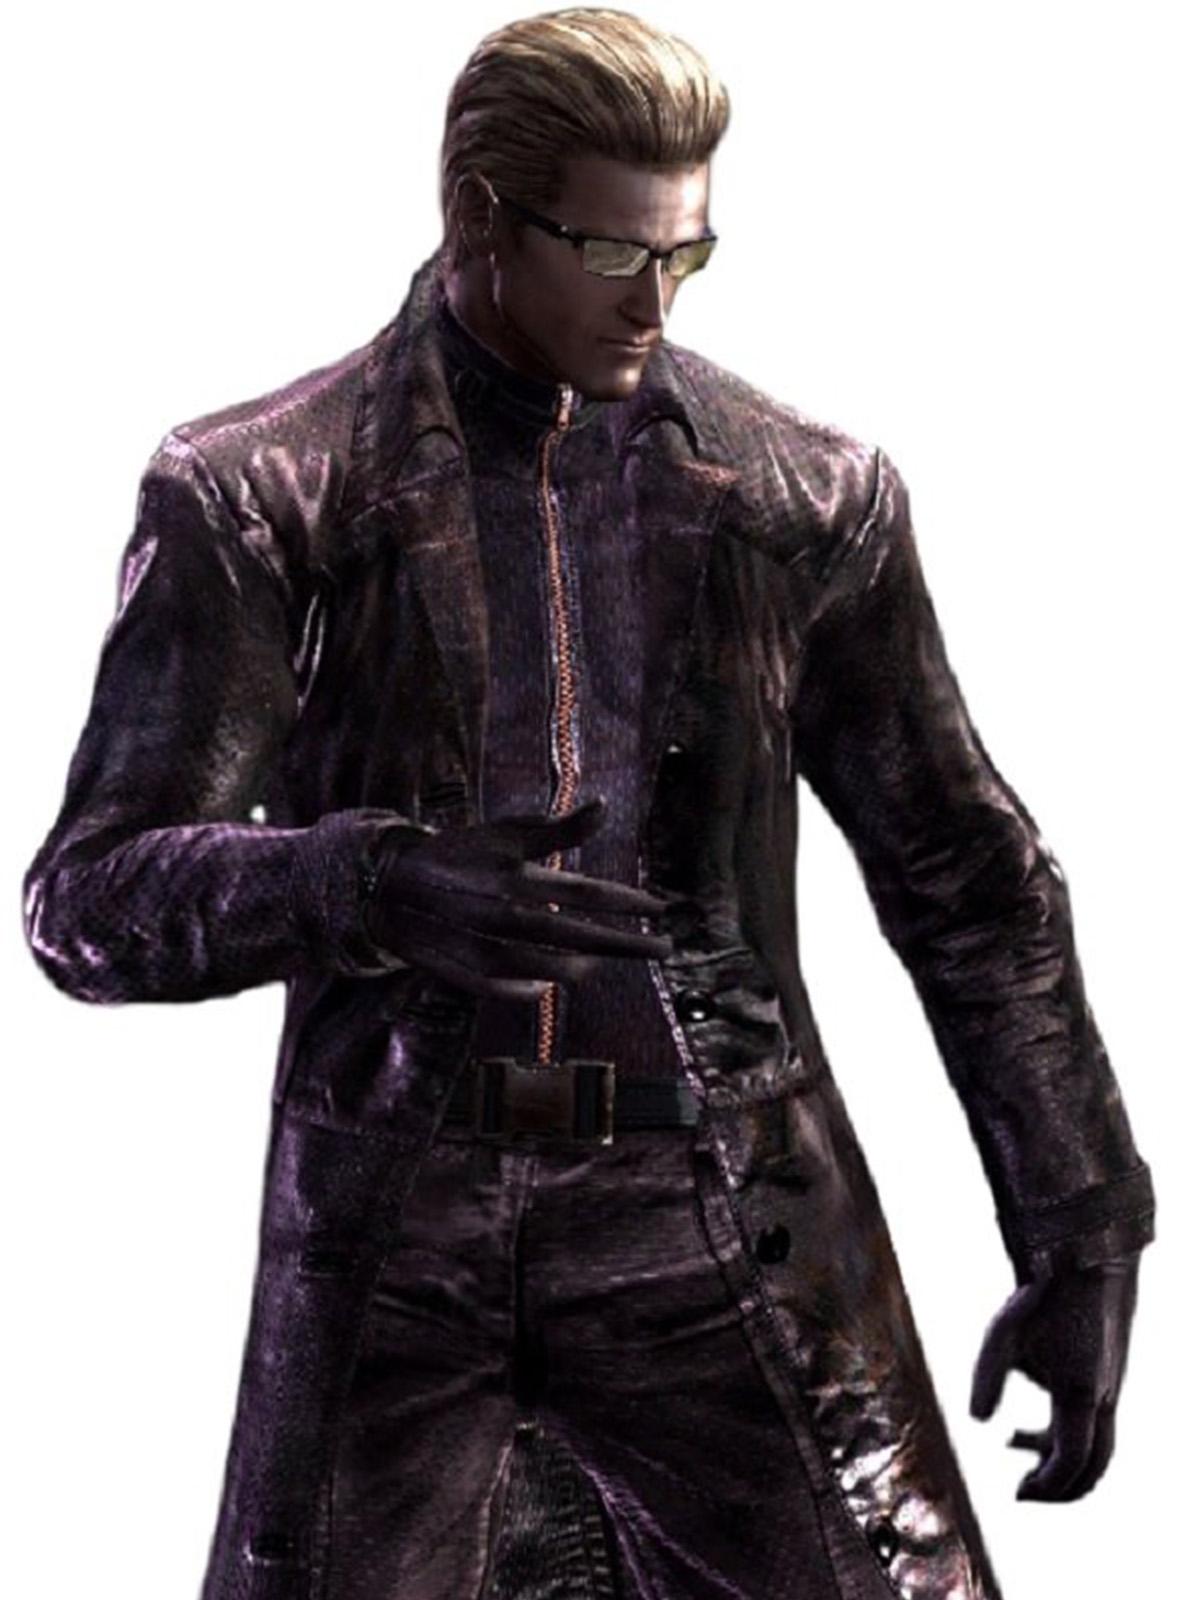 Albert Wesker Resident Evil 5 Purple Coat Stars Jackets